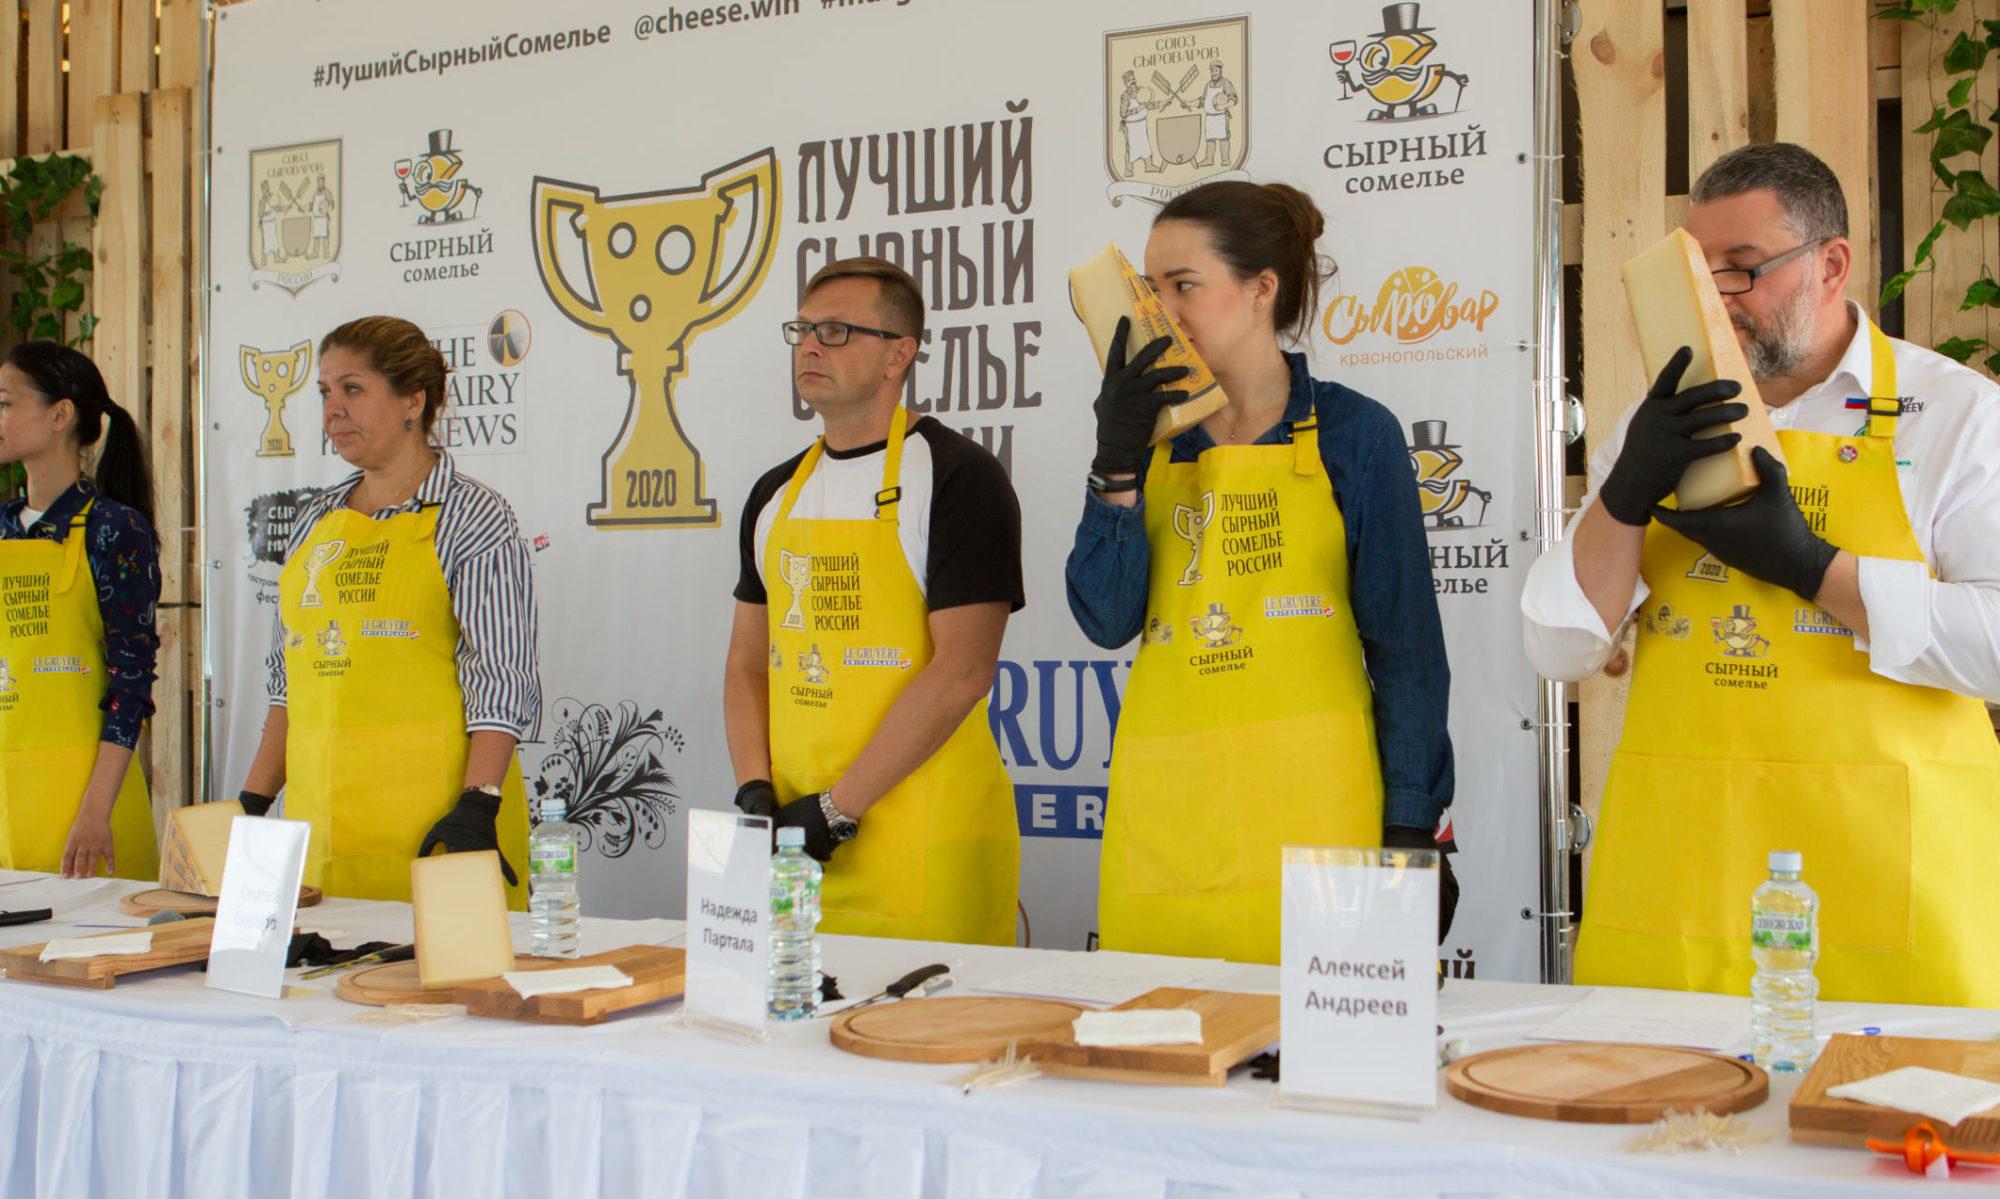 Лучшие сырный сомелье и сыр России